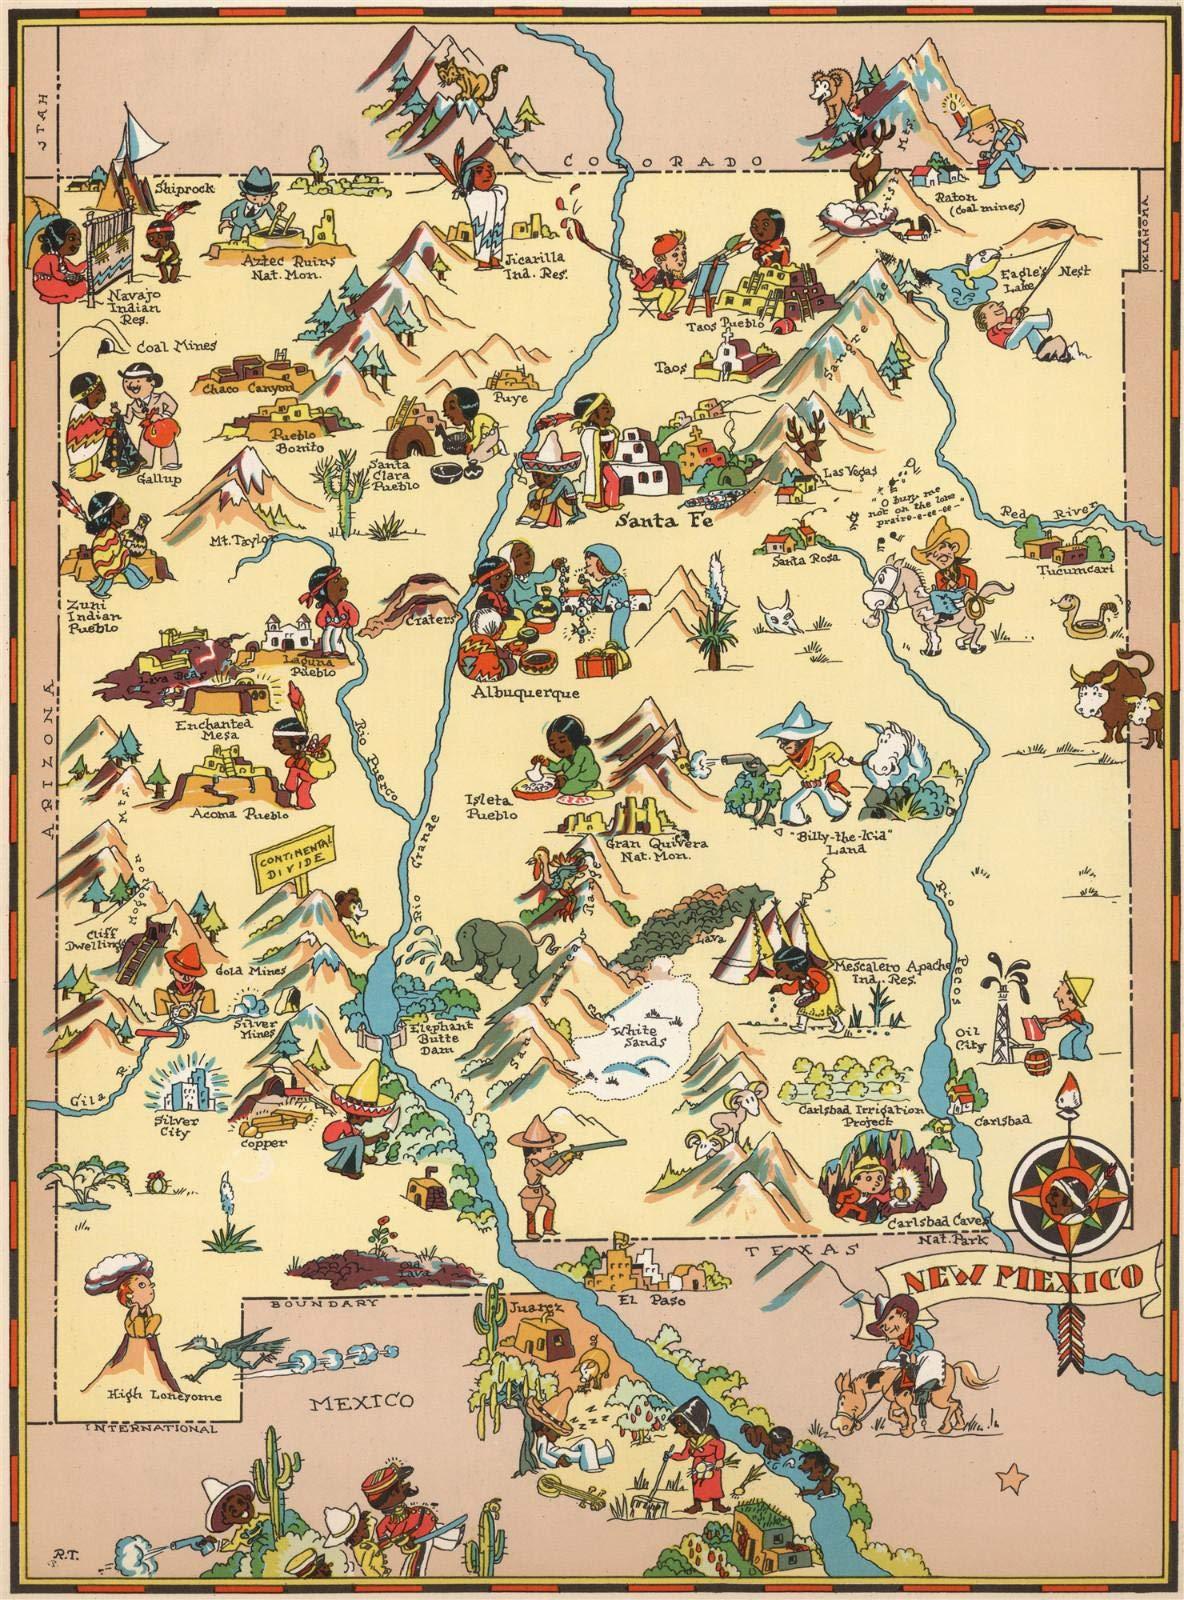 LTpintu Adultos Puzzle 1500 Piezas Mapa de Dibujos Animados Nuevo Mexico Niños Madera Jigsaw Puzzle Ocio Toys Clásico Juego Regalo: Amazon.es: Hogar